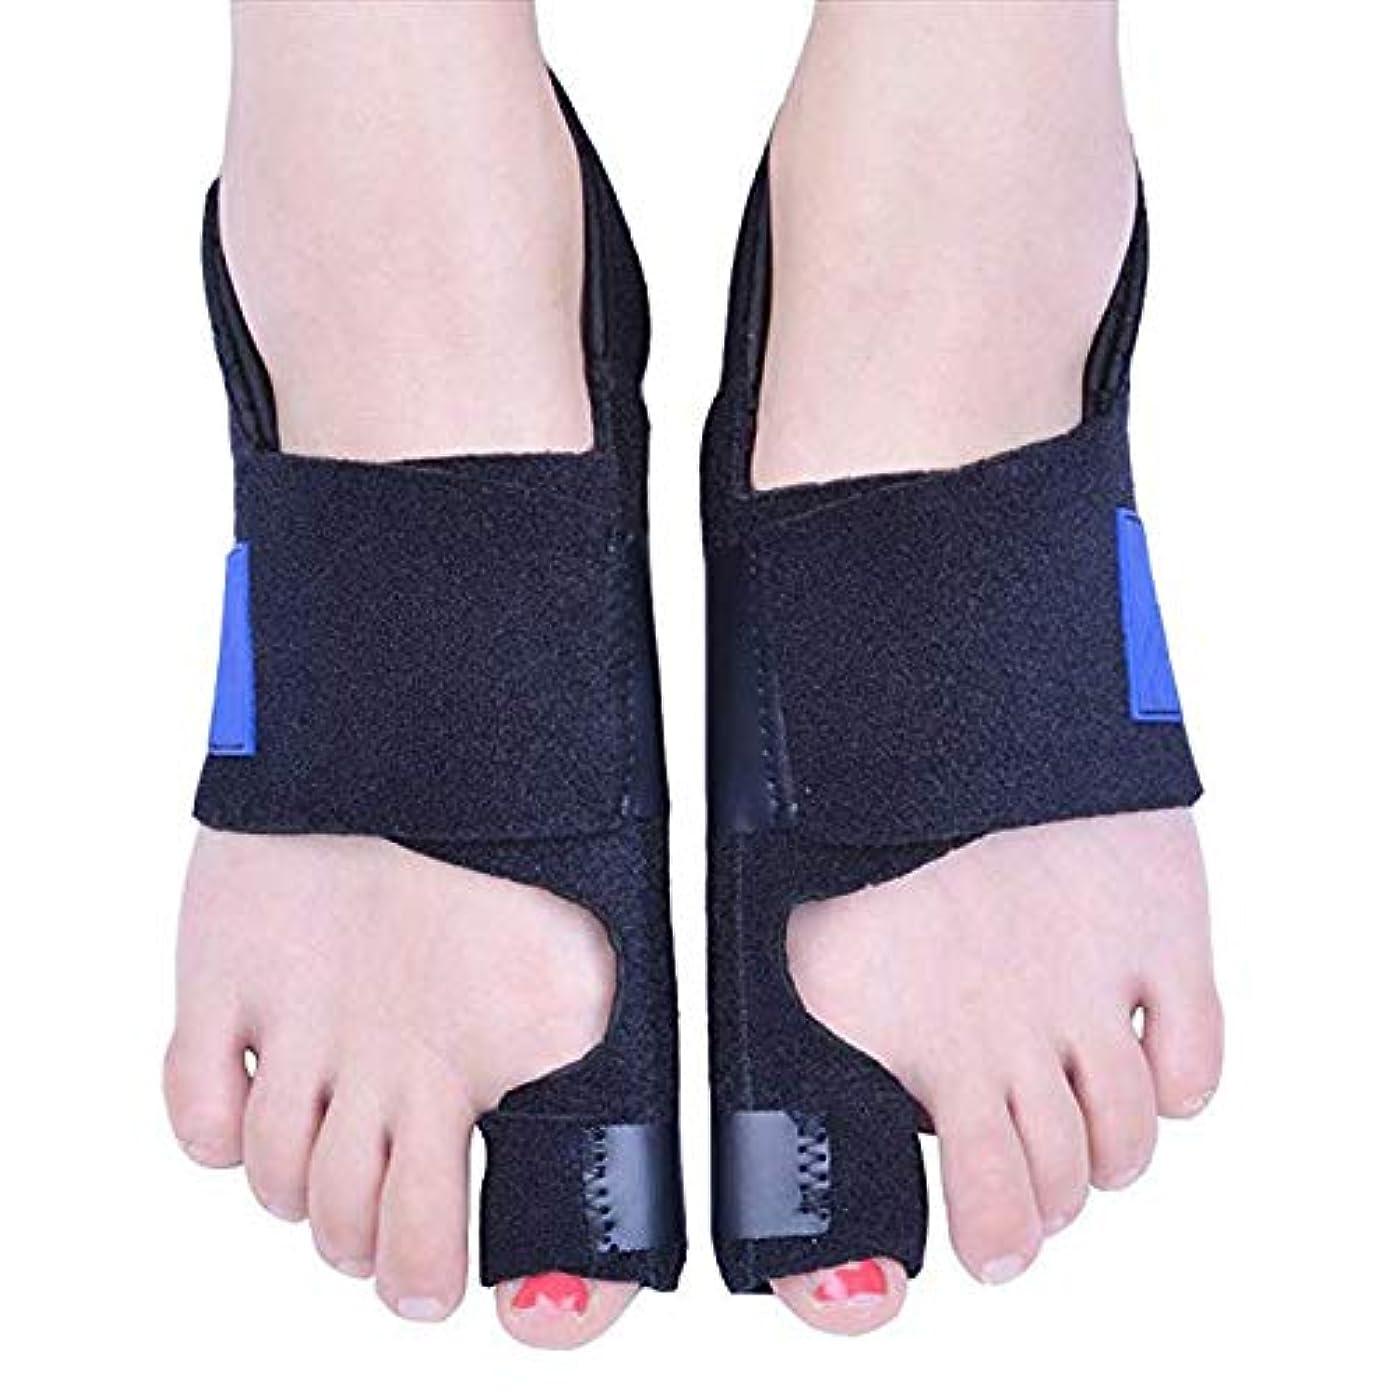 衝突中国脅かす腰部の足のアライナーと腱膜瘤の救済、女性と男性の整形外科の足の親指の矯正、昼と夜のサポート、外反母ofの治療と予防,Black